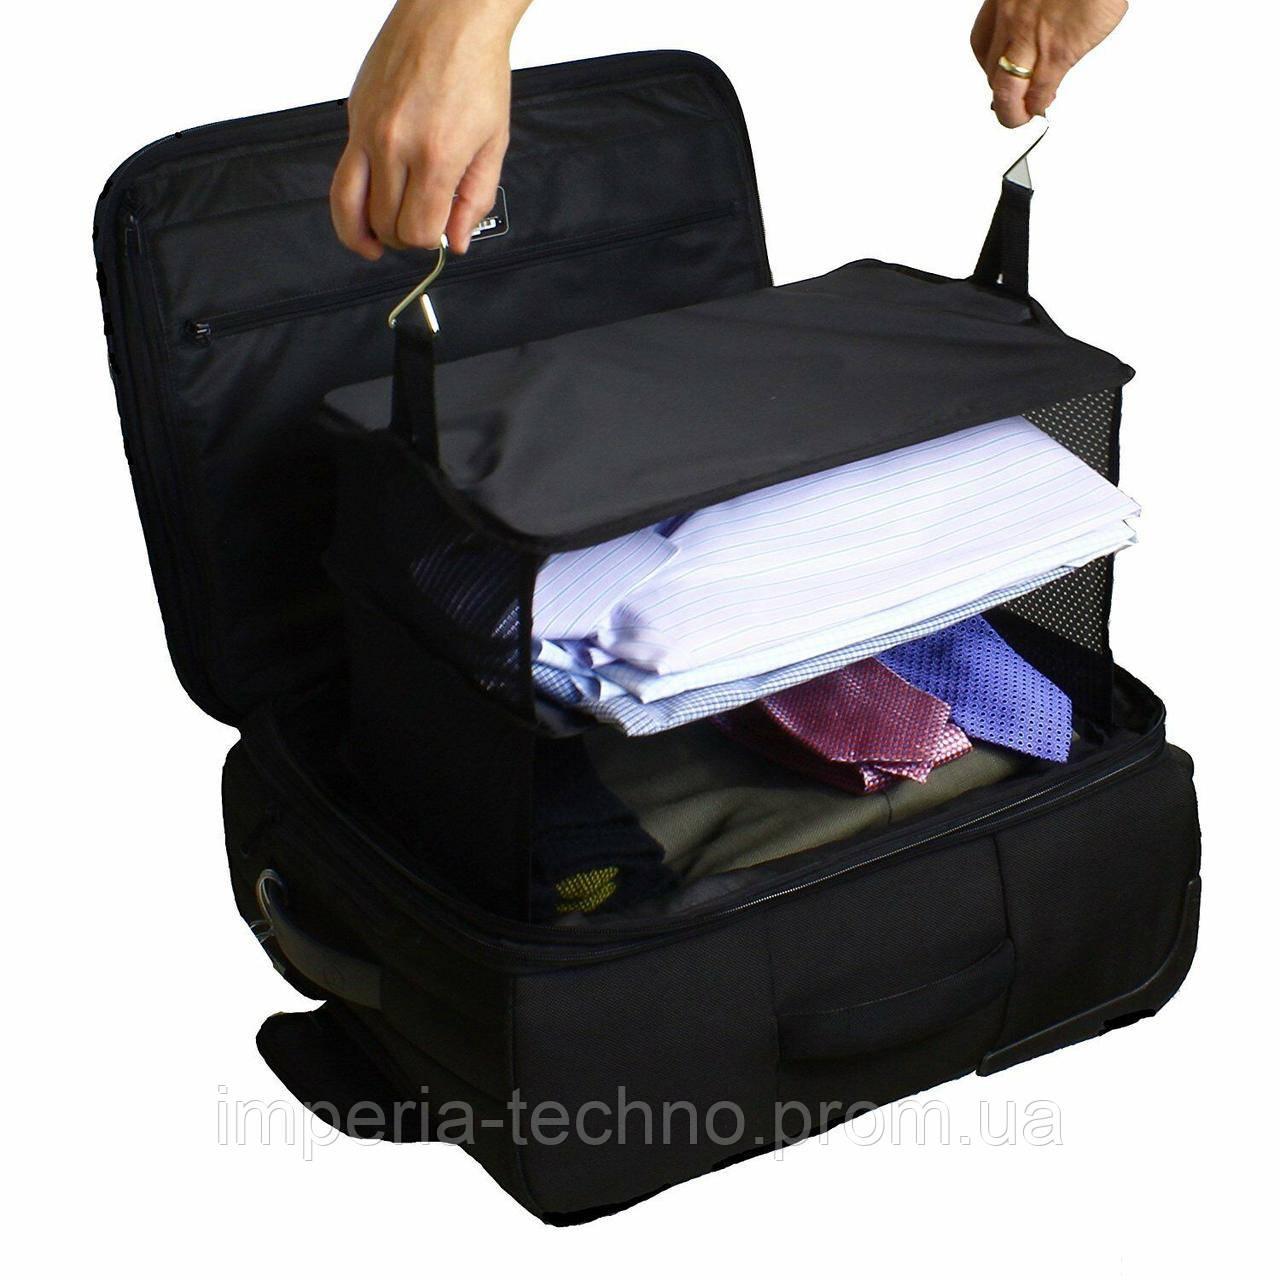 ✅ Органайзер трансформер в чемодан Stow-N-Go NORS-4   Органайзер трансформер у валізу